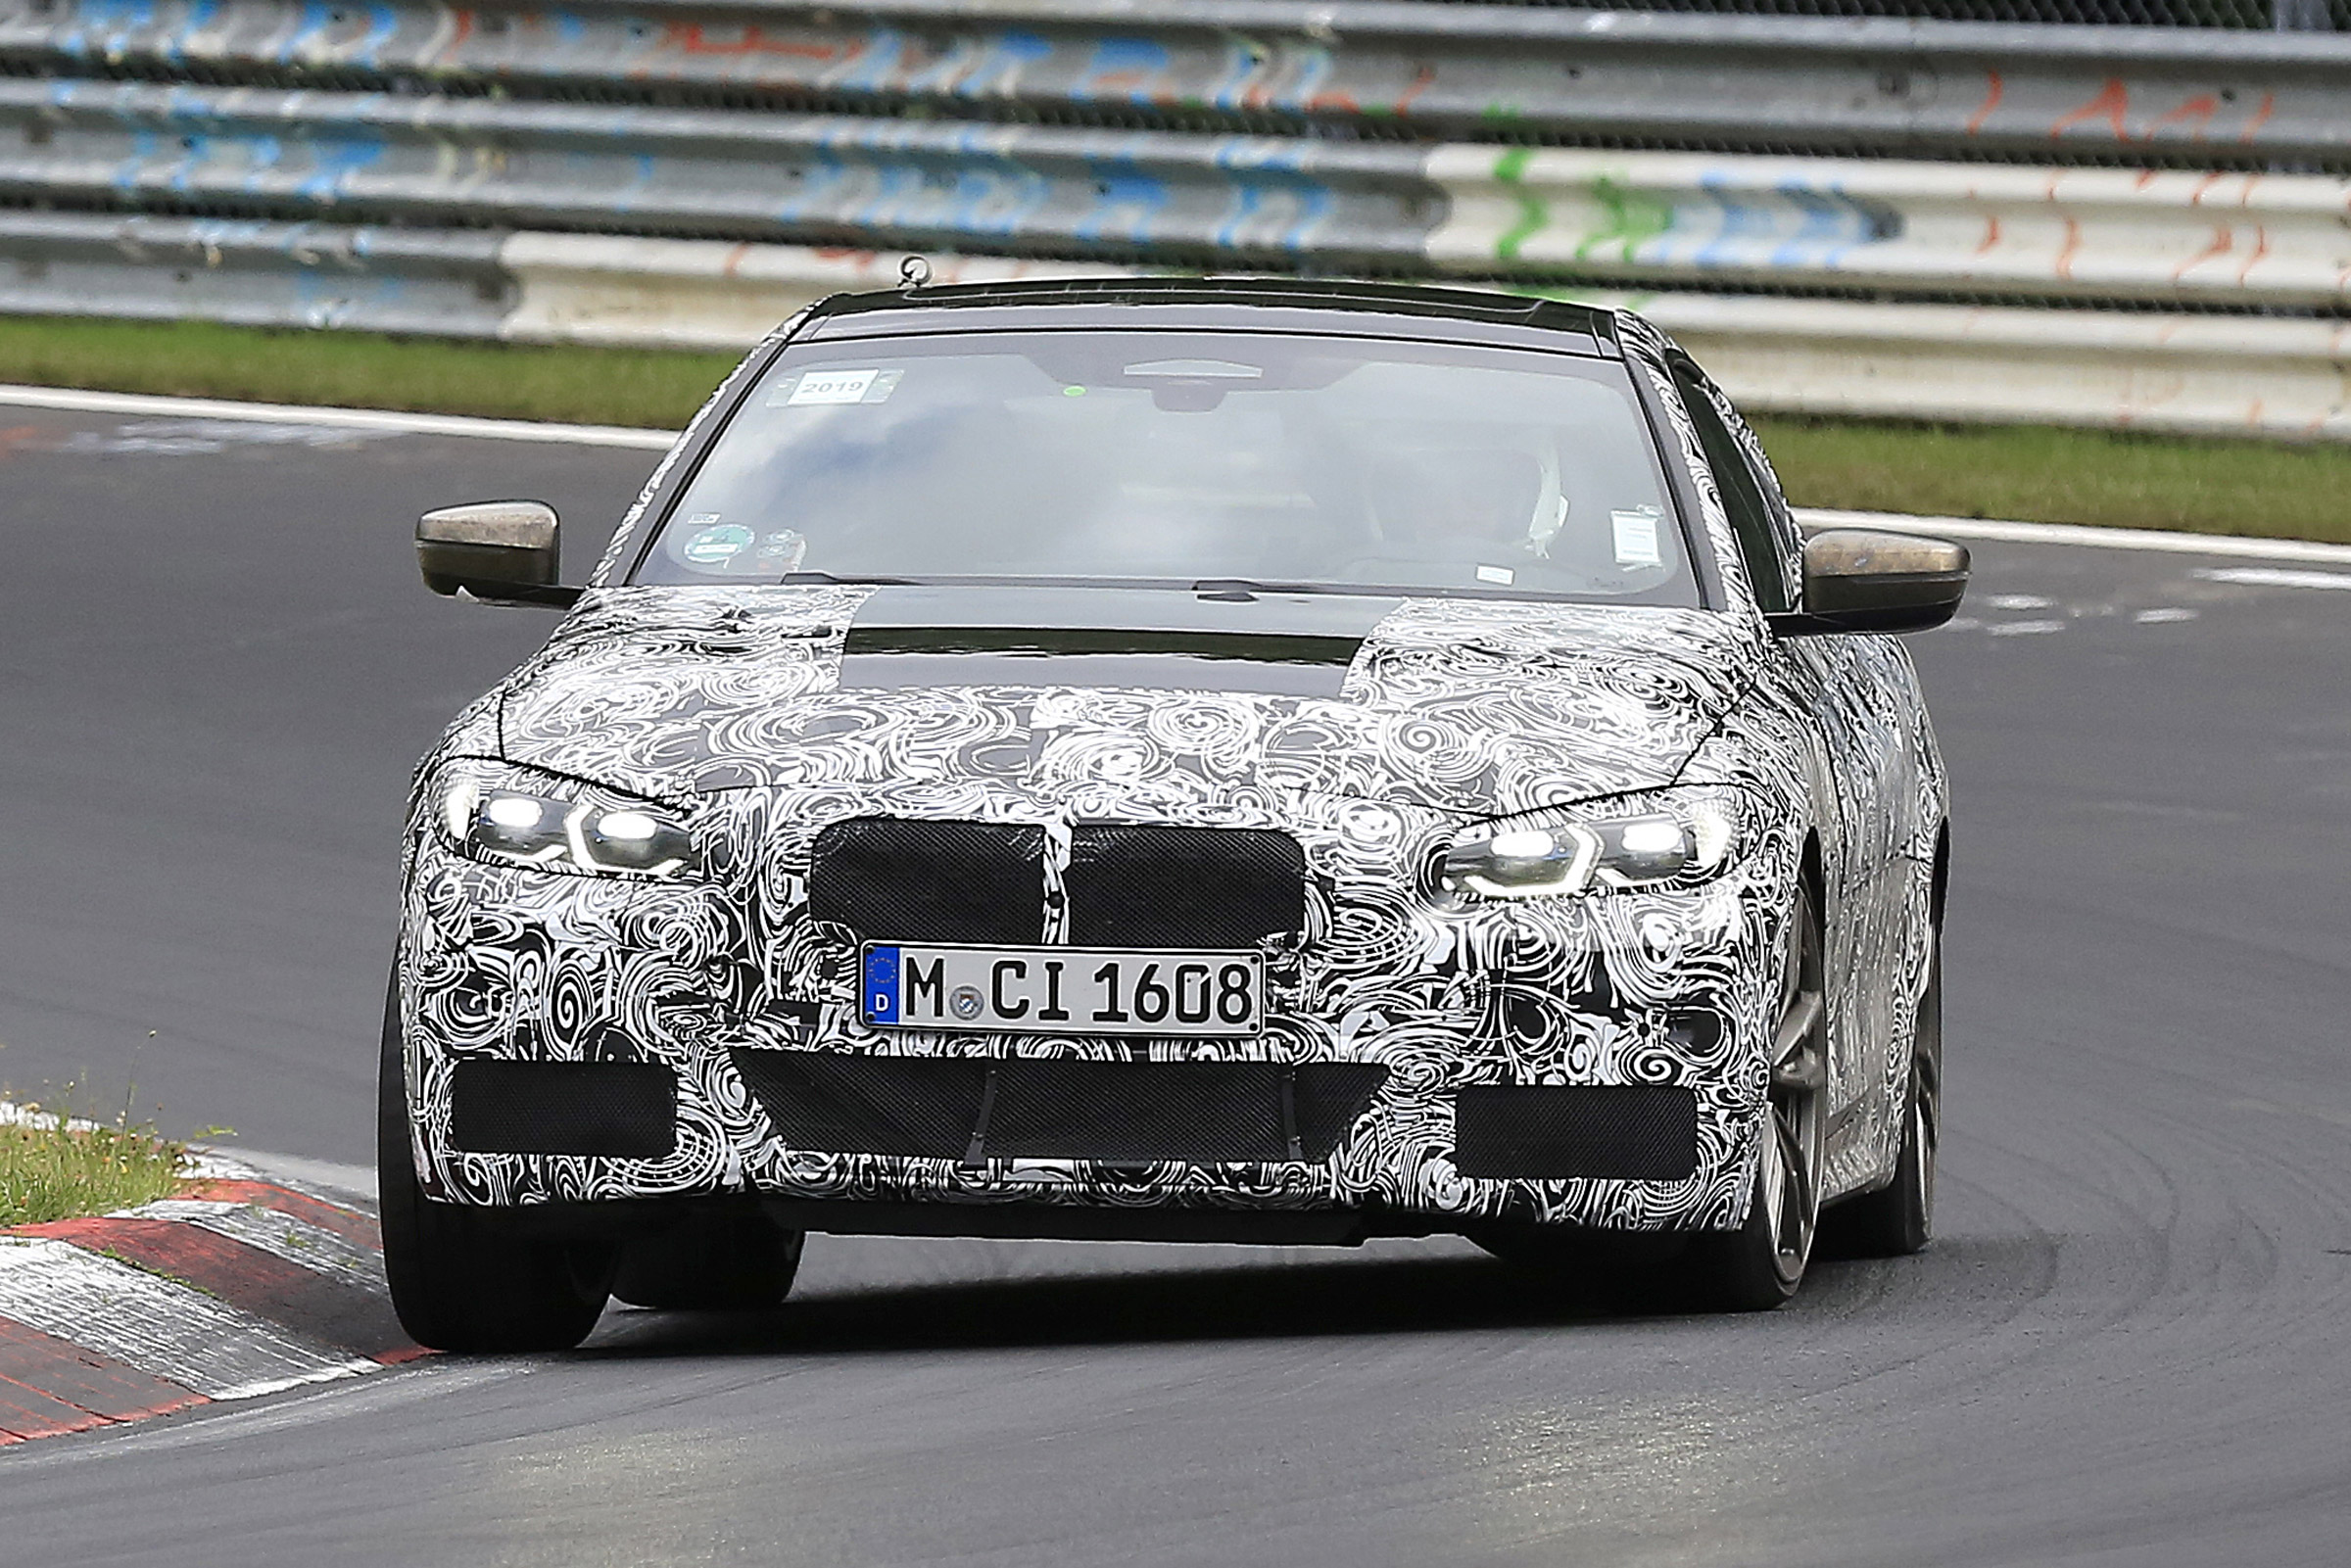 На Франкфуртском автосалоне, который пройдет с 12 по 22 сентября, BMW покажет концептуальное купе. Предполагается, что это будет прототип новой 4-й серии. По слухам, купе получит крупную решетку радиатора, чем у родственной «трешки», при этом технически купе будет максимально унифицировано с ней.